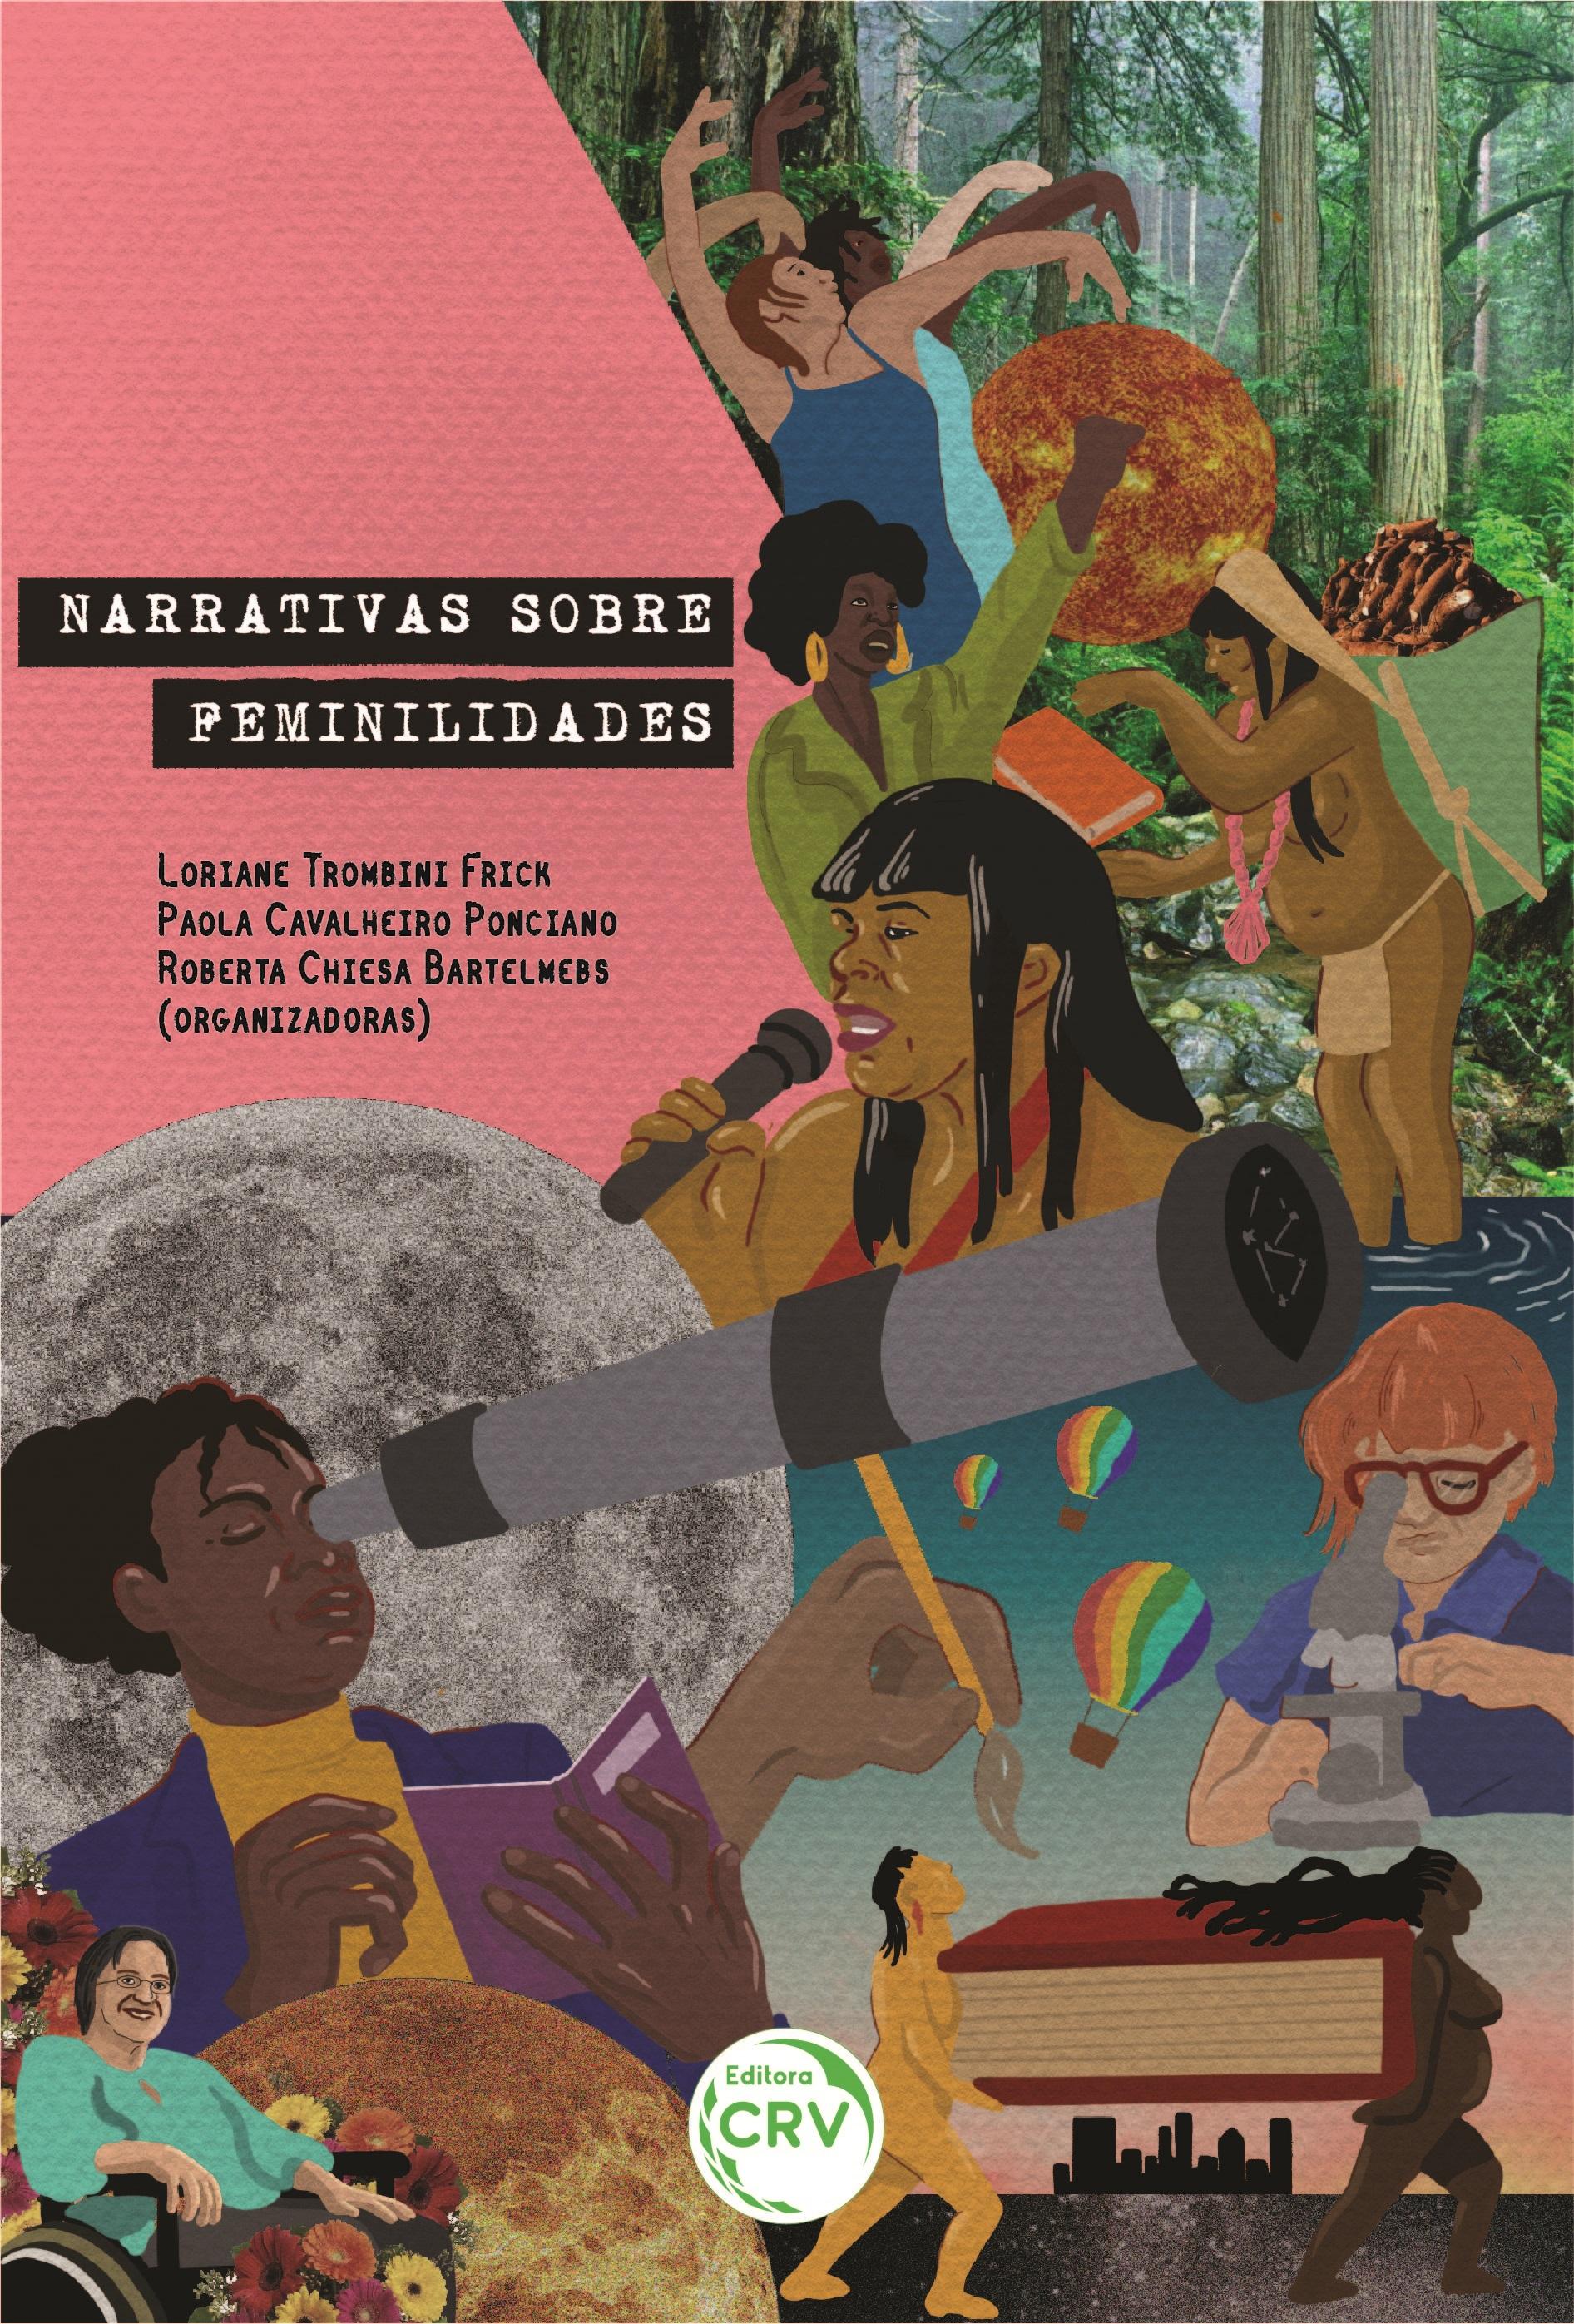 Capa do livro: NARRATIVAS SOBRE FEMINILIDADES